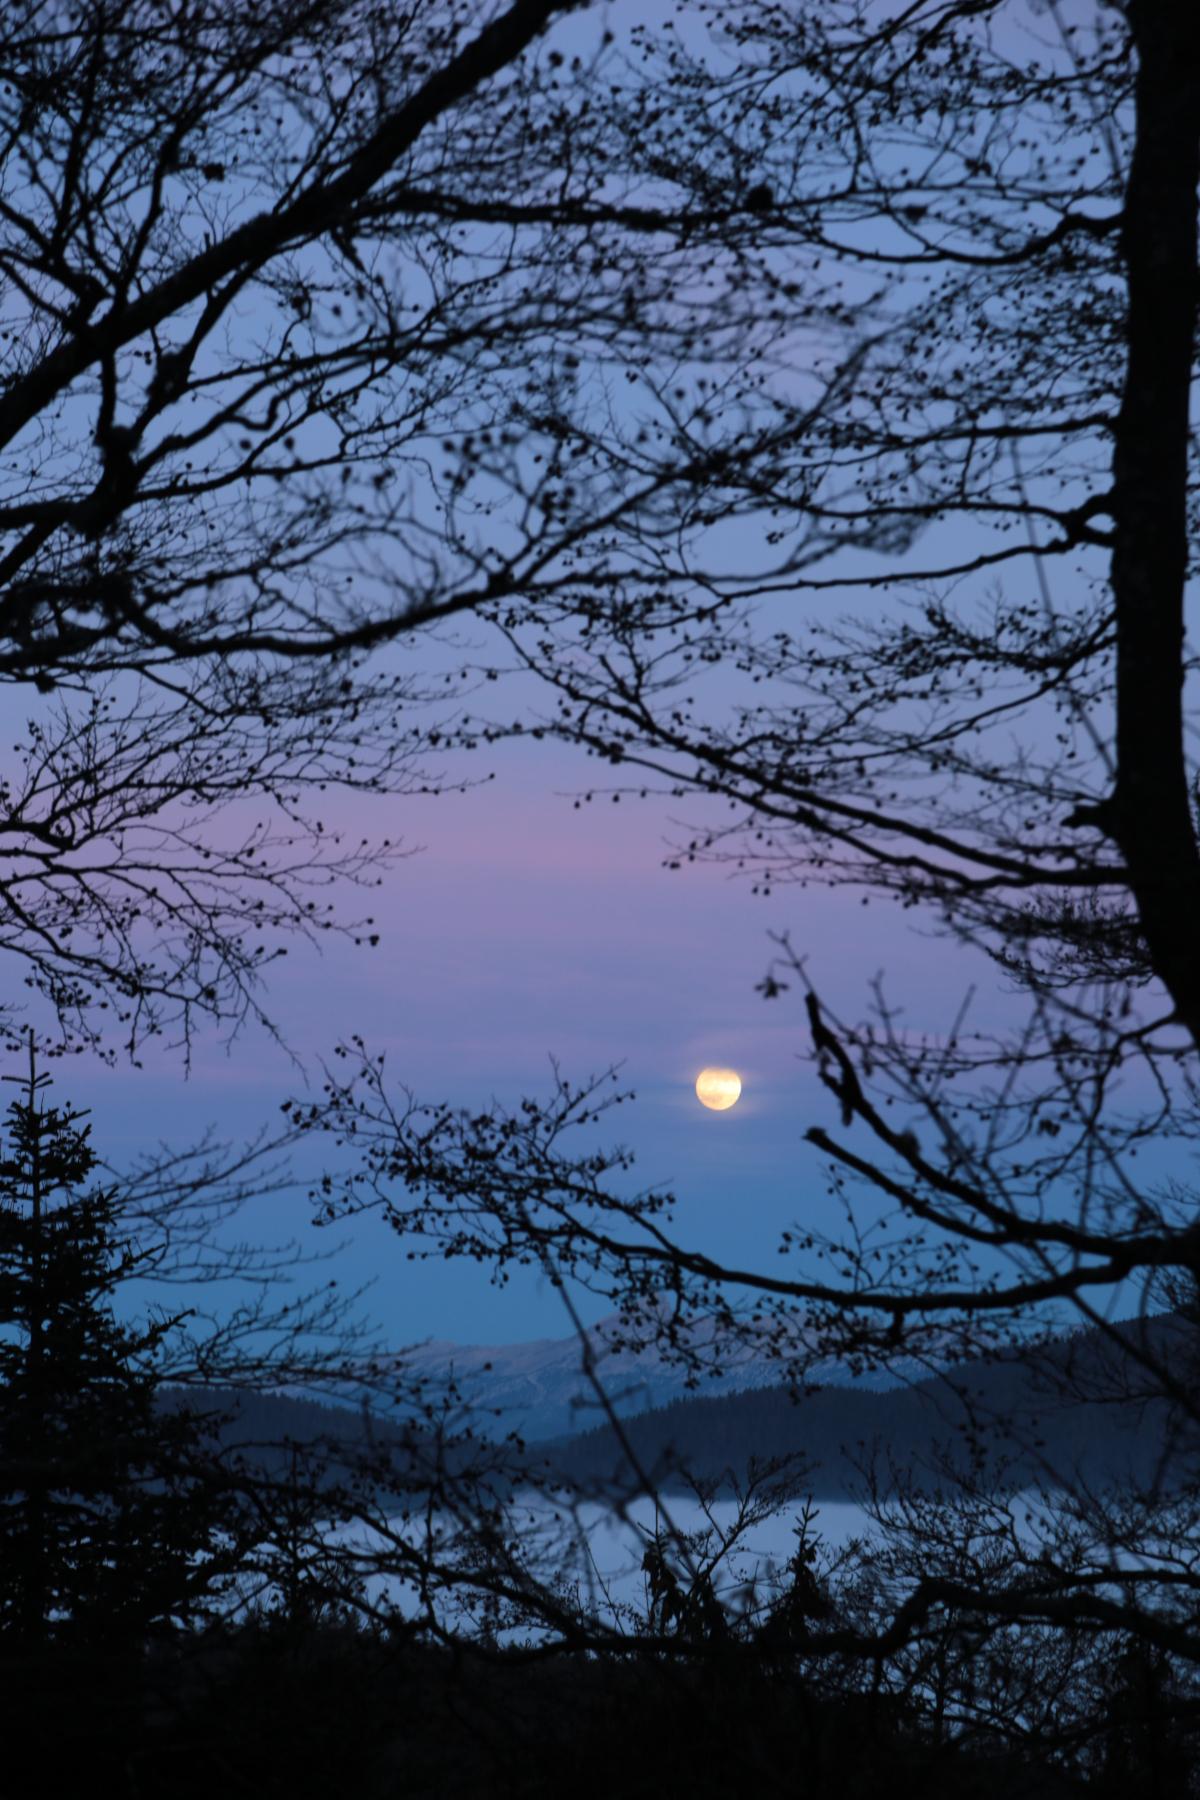 Lever de pleine lune façon estampe